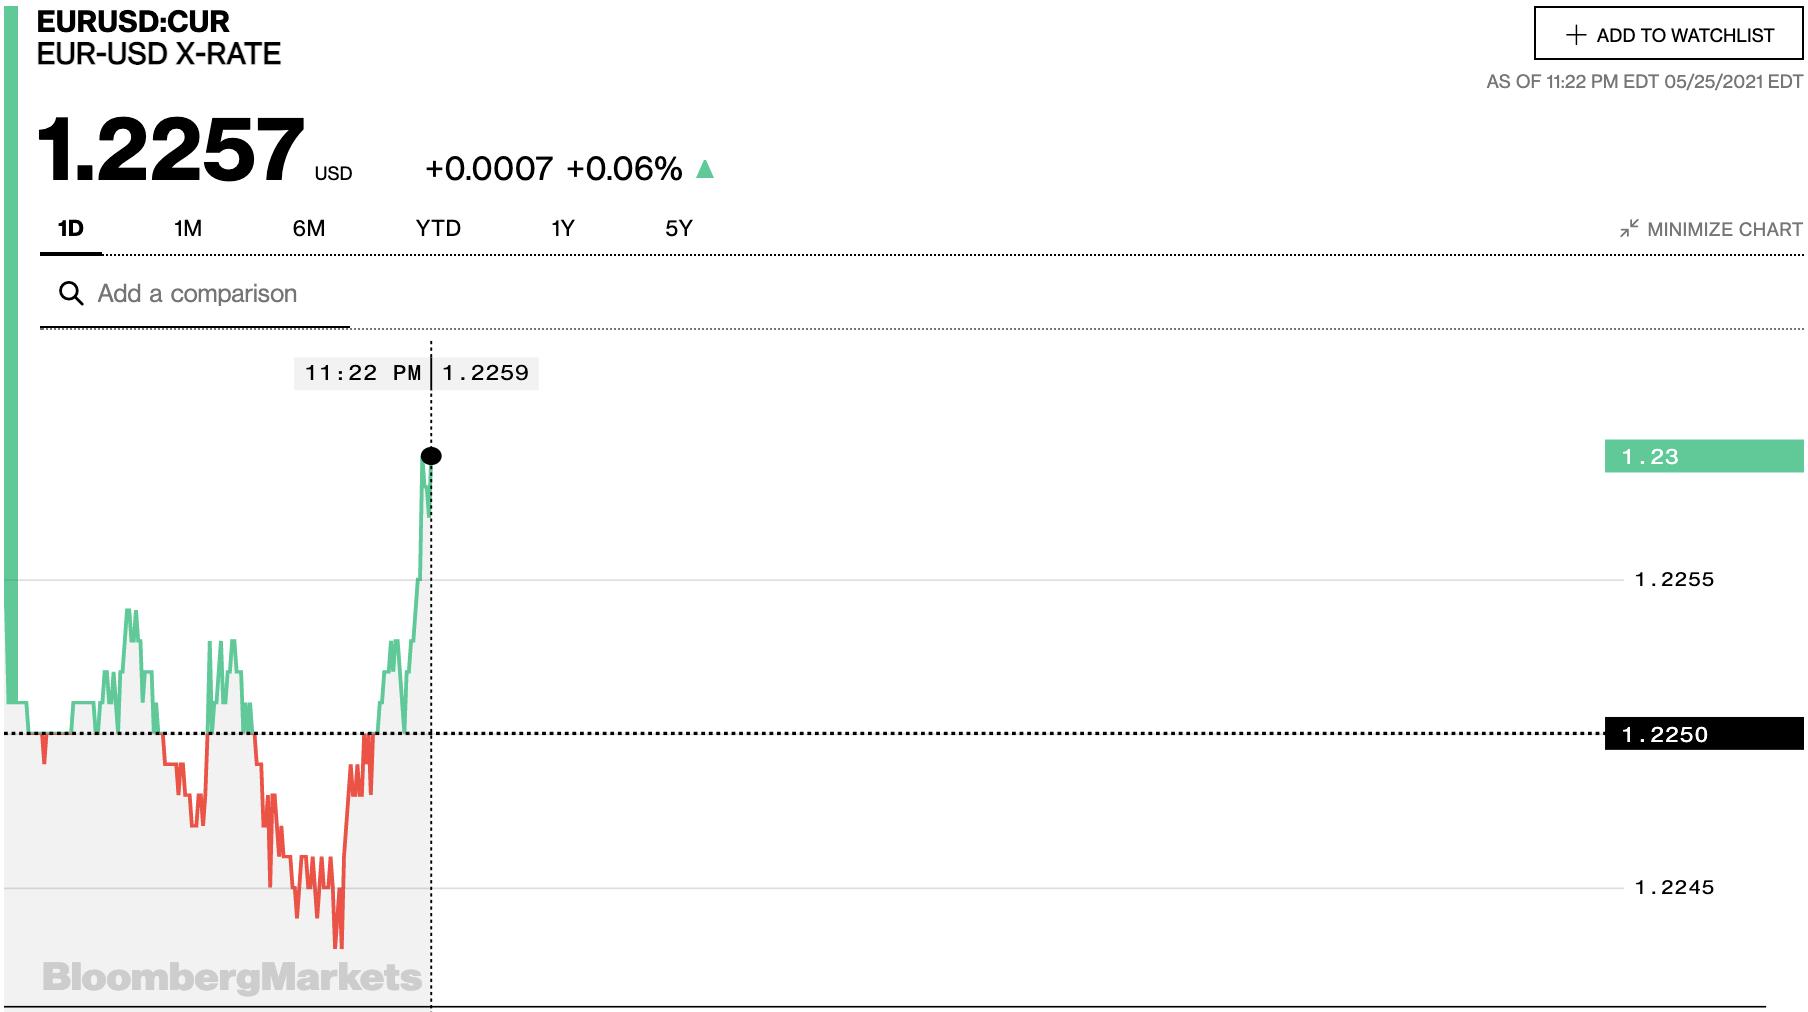 Tỷ giá euro hôm nay 26/5: Các ngân hàng và thị trường chợ đen tiếp tục tăng đồng loạt - Ảnh 2.